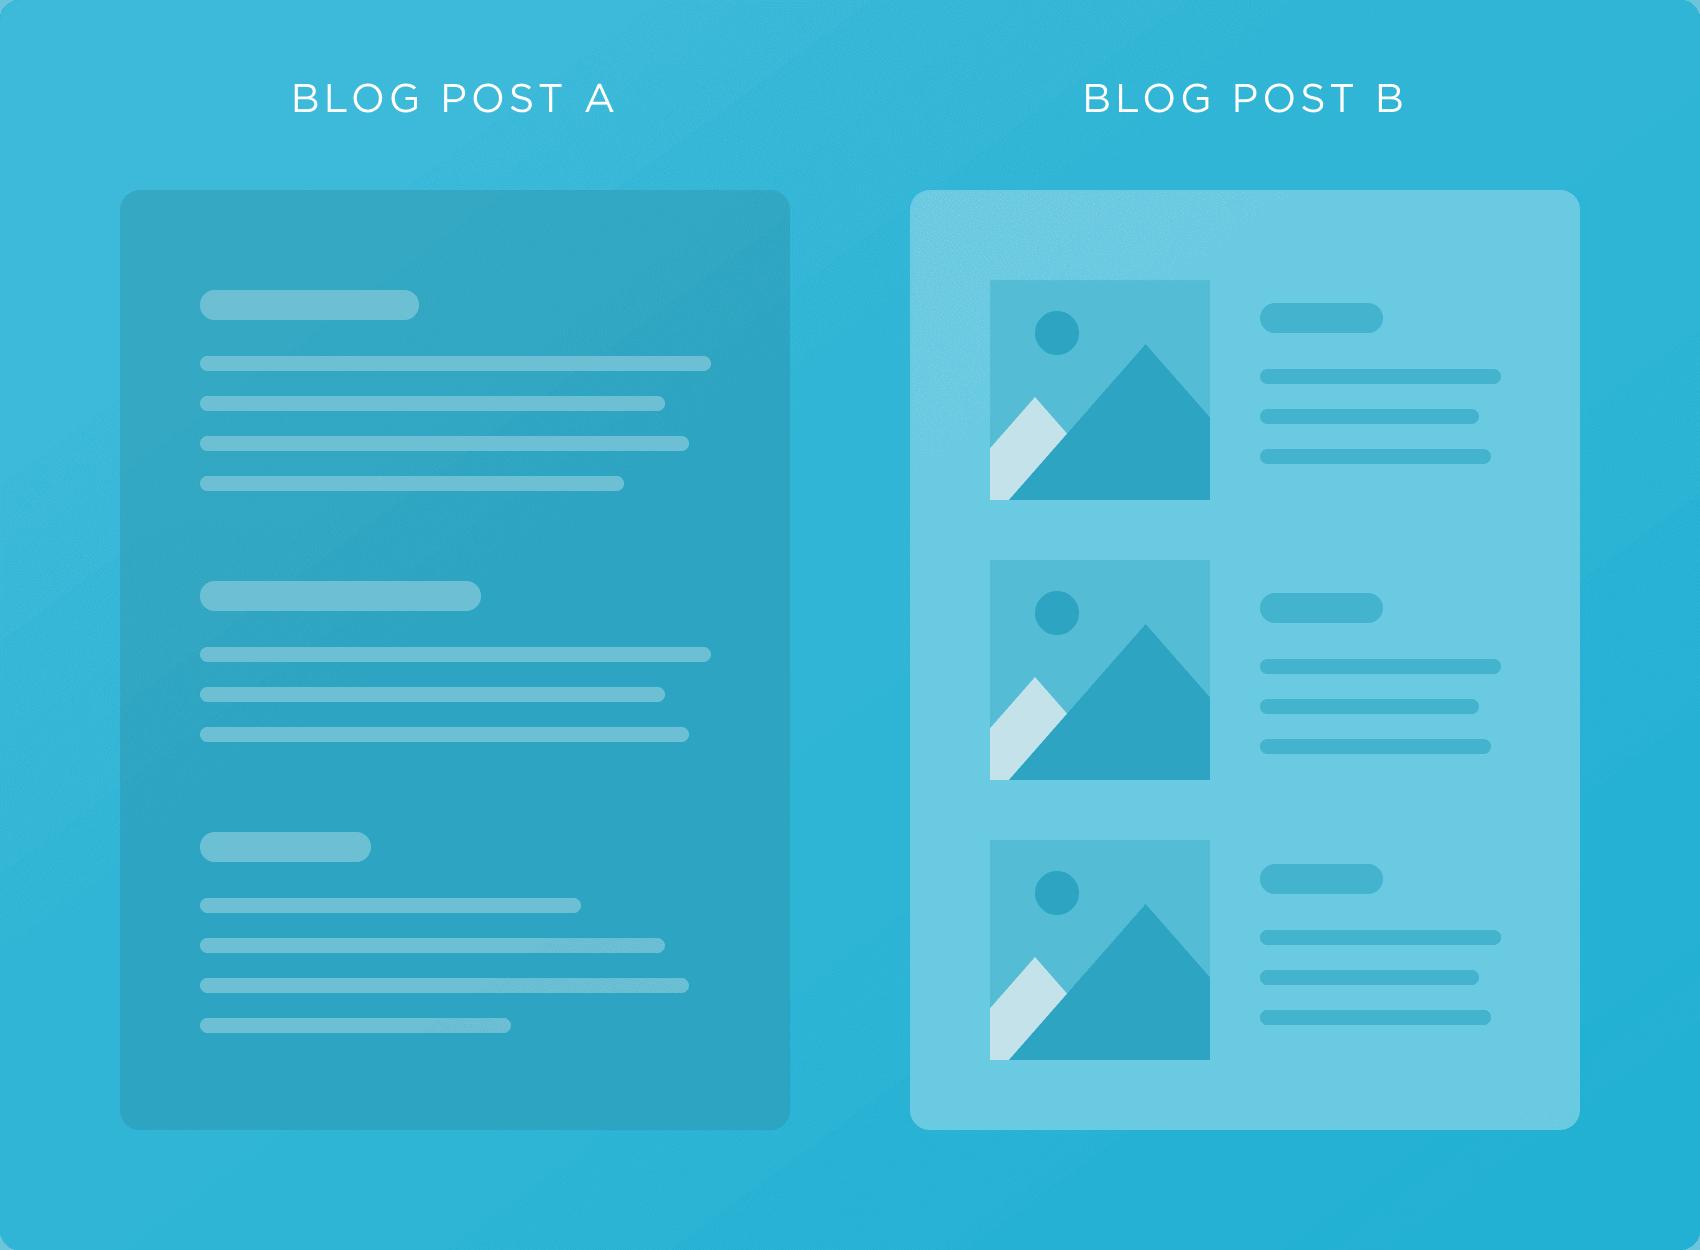 Blog post comparison